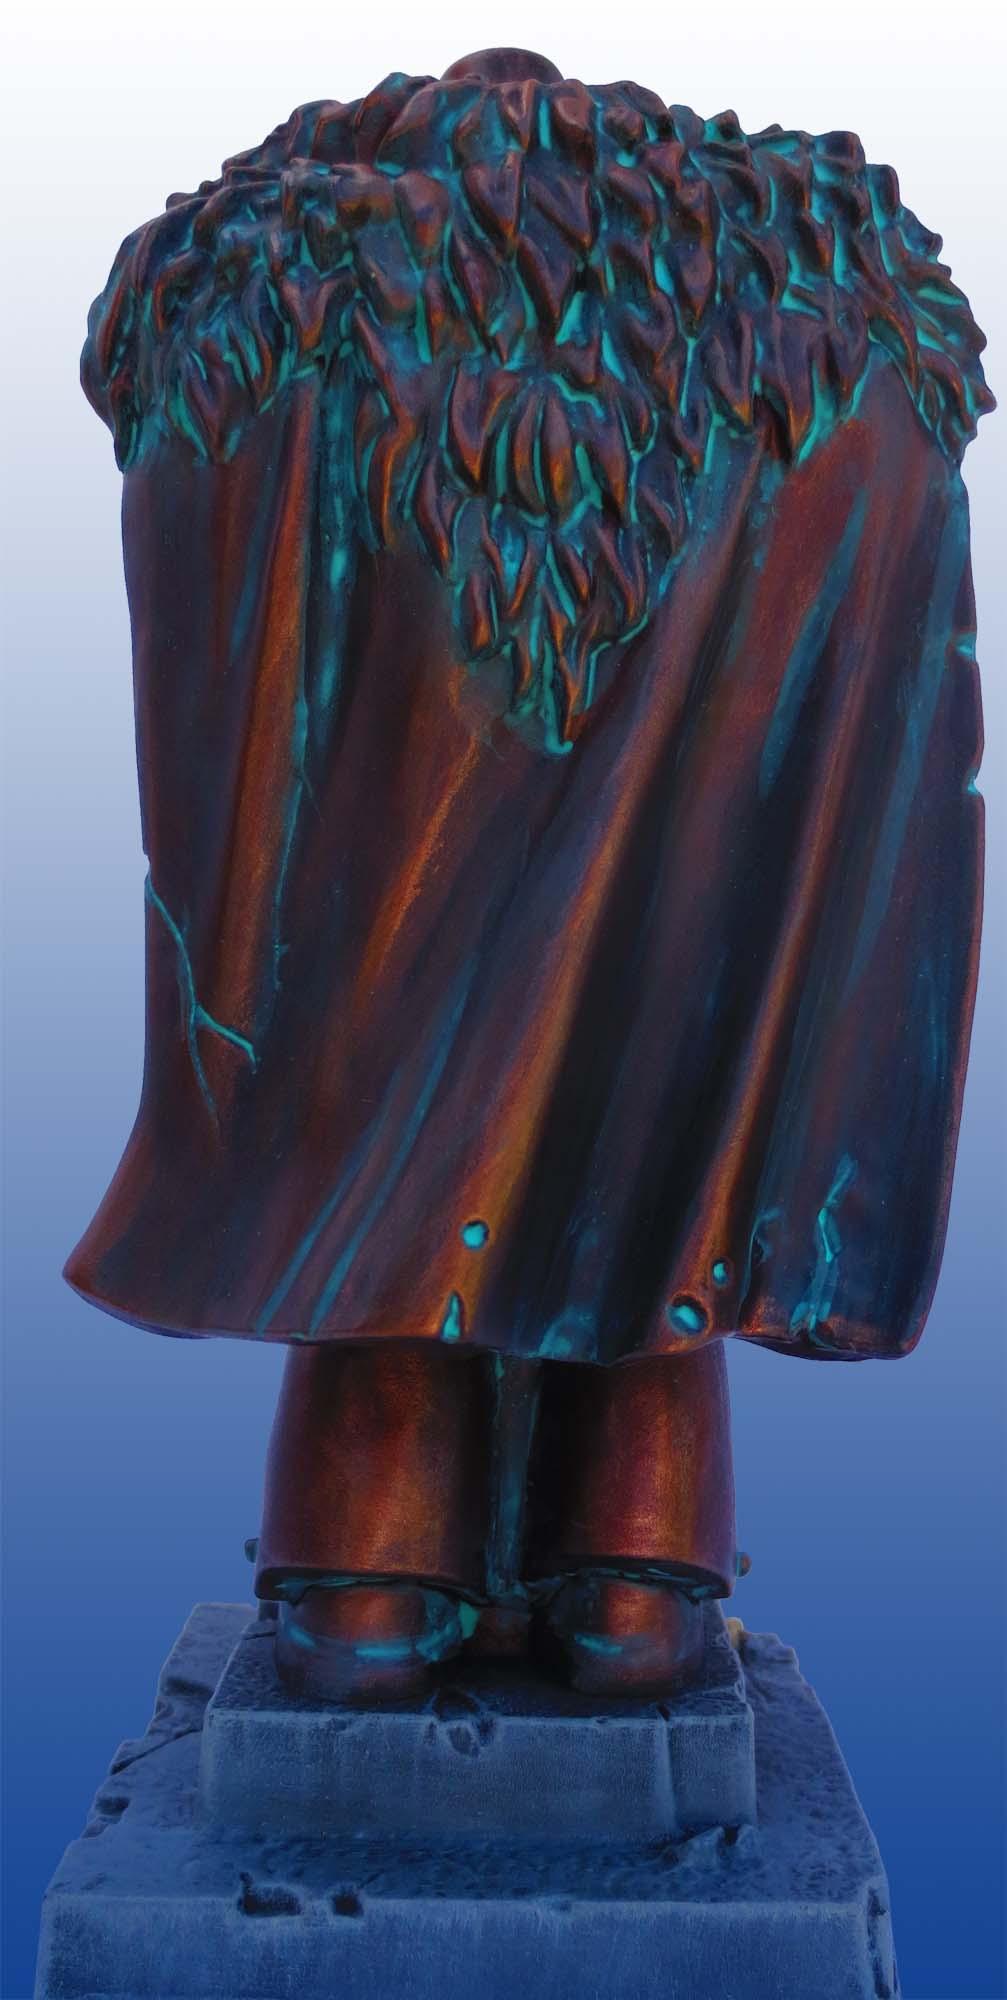 statue_back_by_bannockburn1981-d7qwvux.j